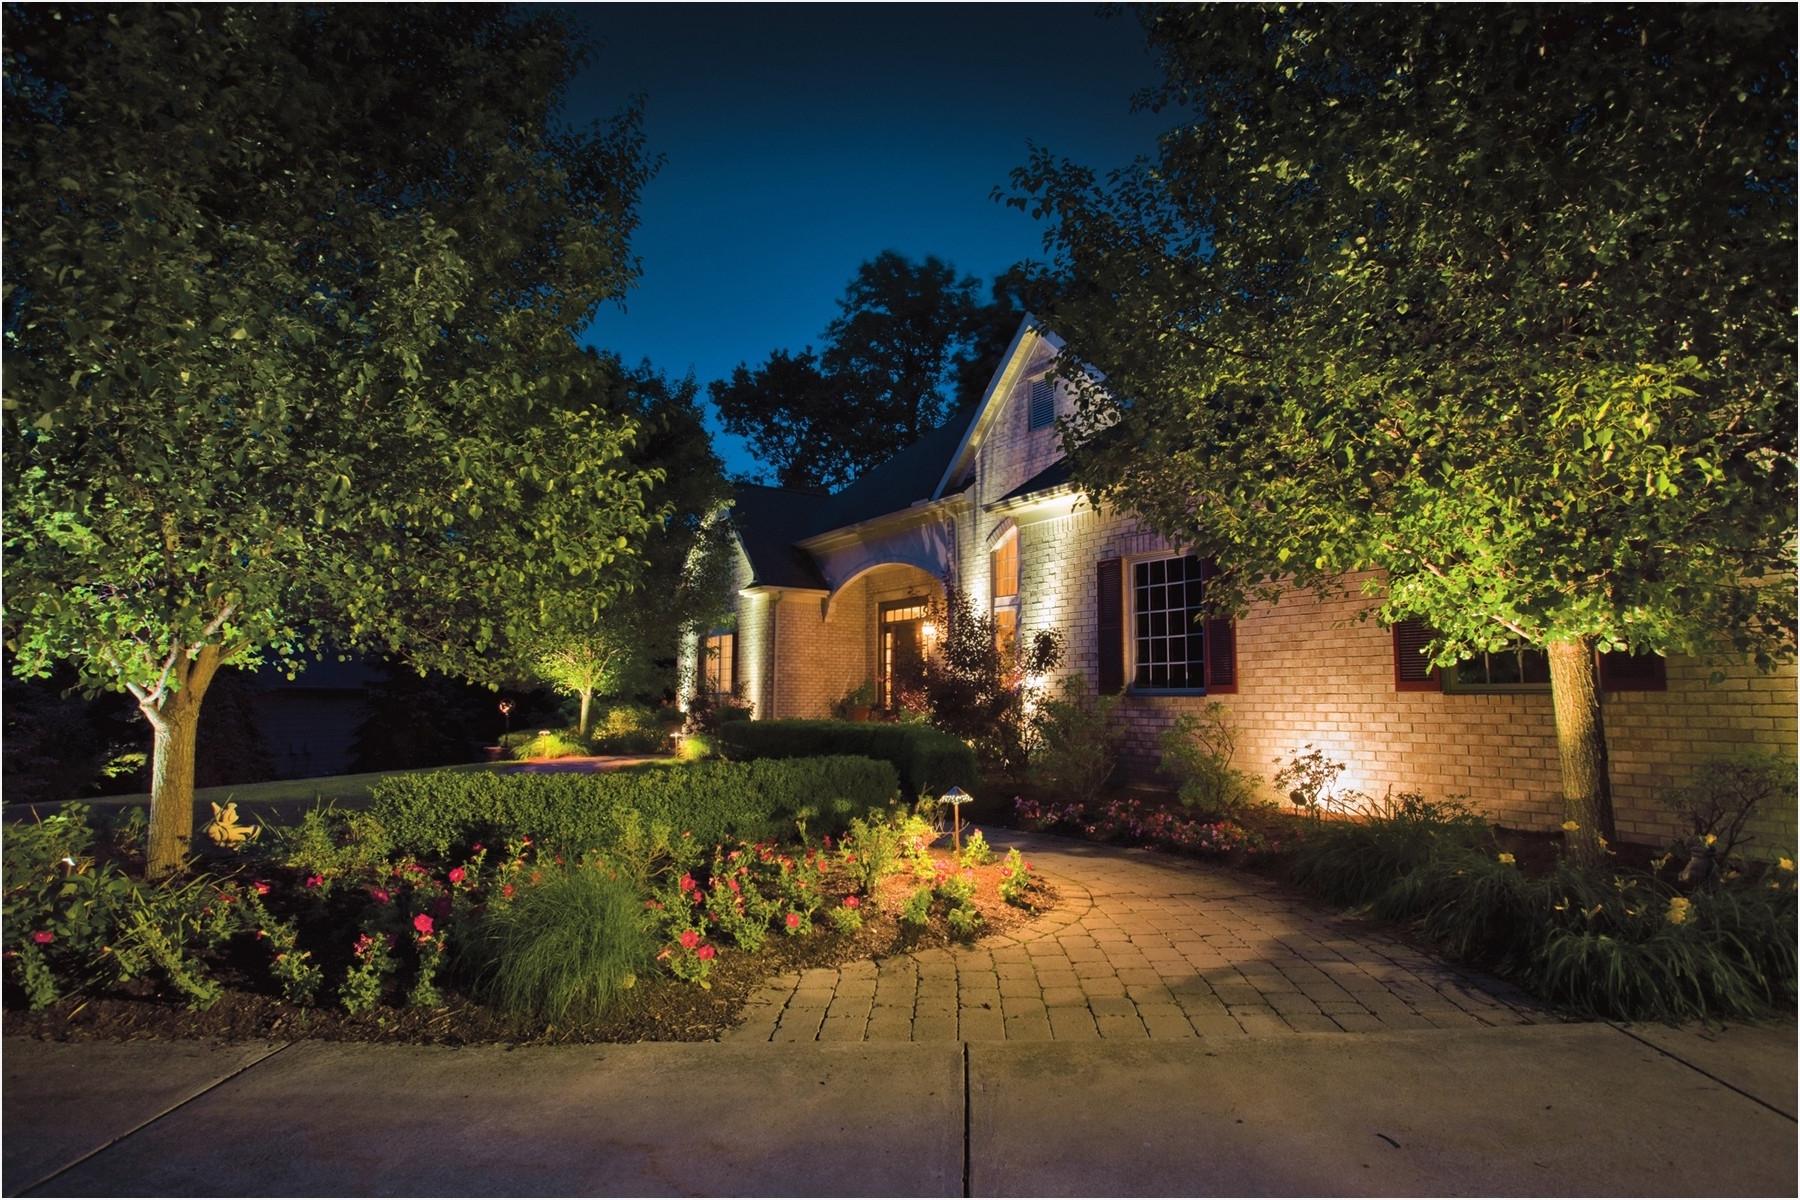 Let Outdoor Kichler Lighting Intended For Most Up To Date Kichler Lighting Landscape Impressive Design » Erikbel Tranart (View 7 of 20)